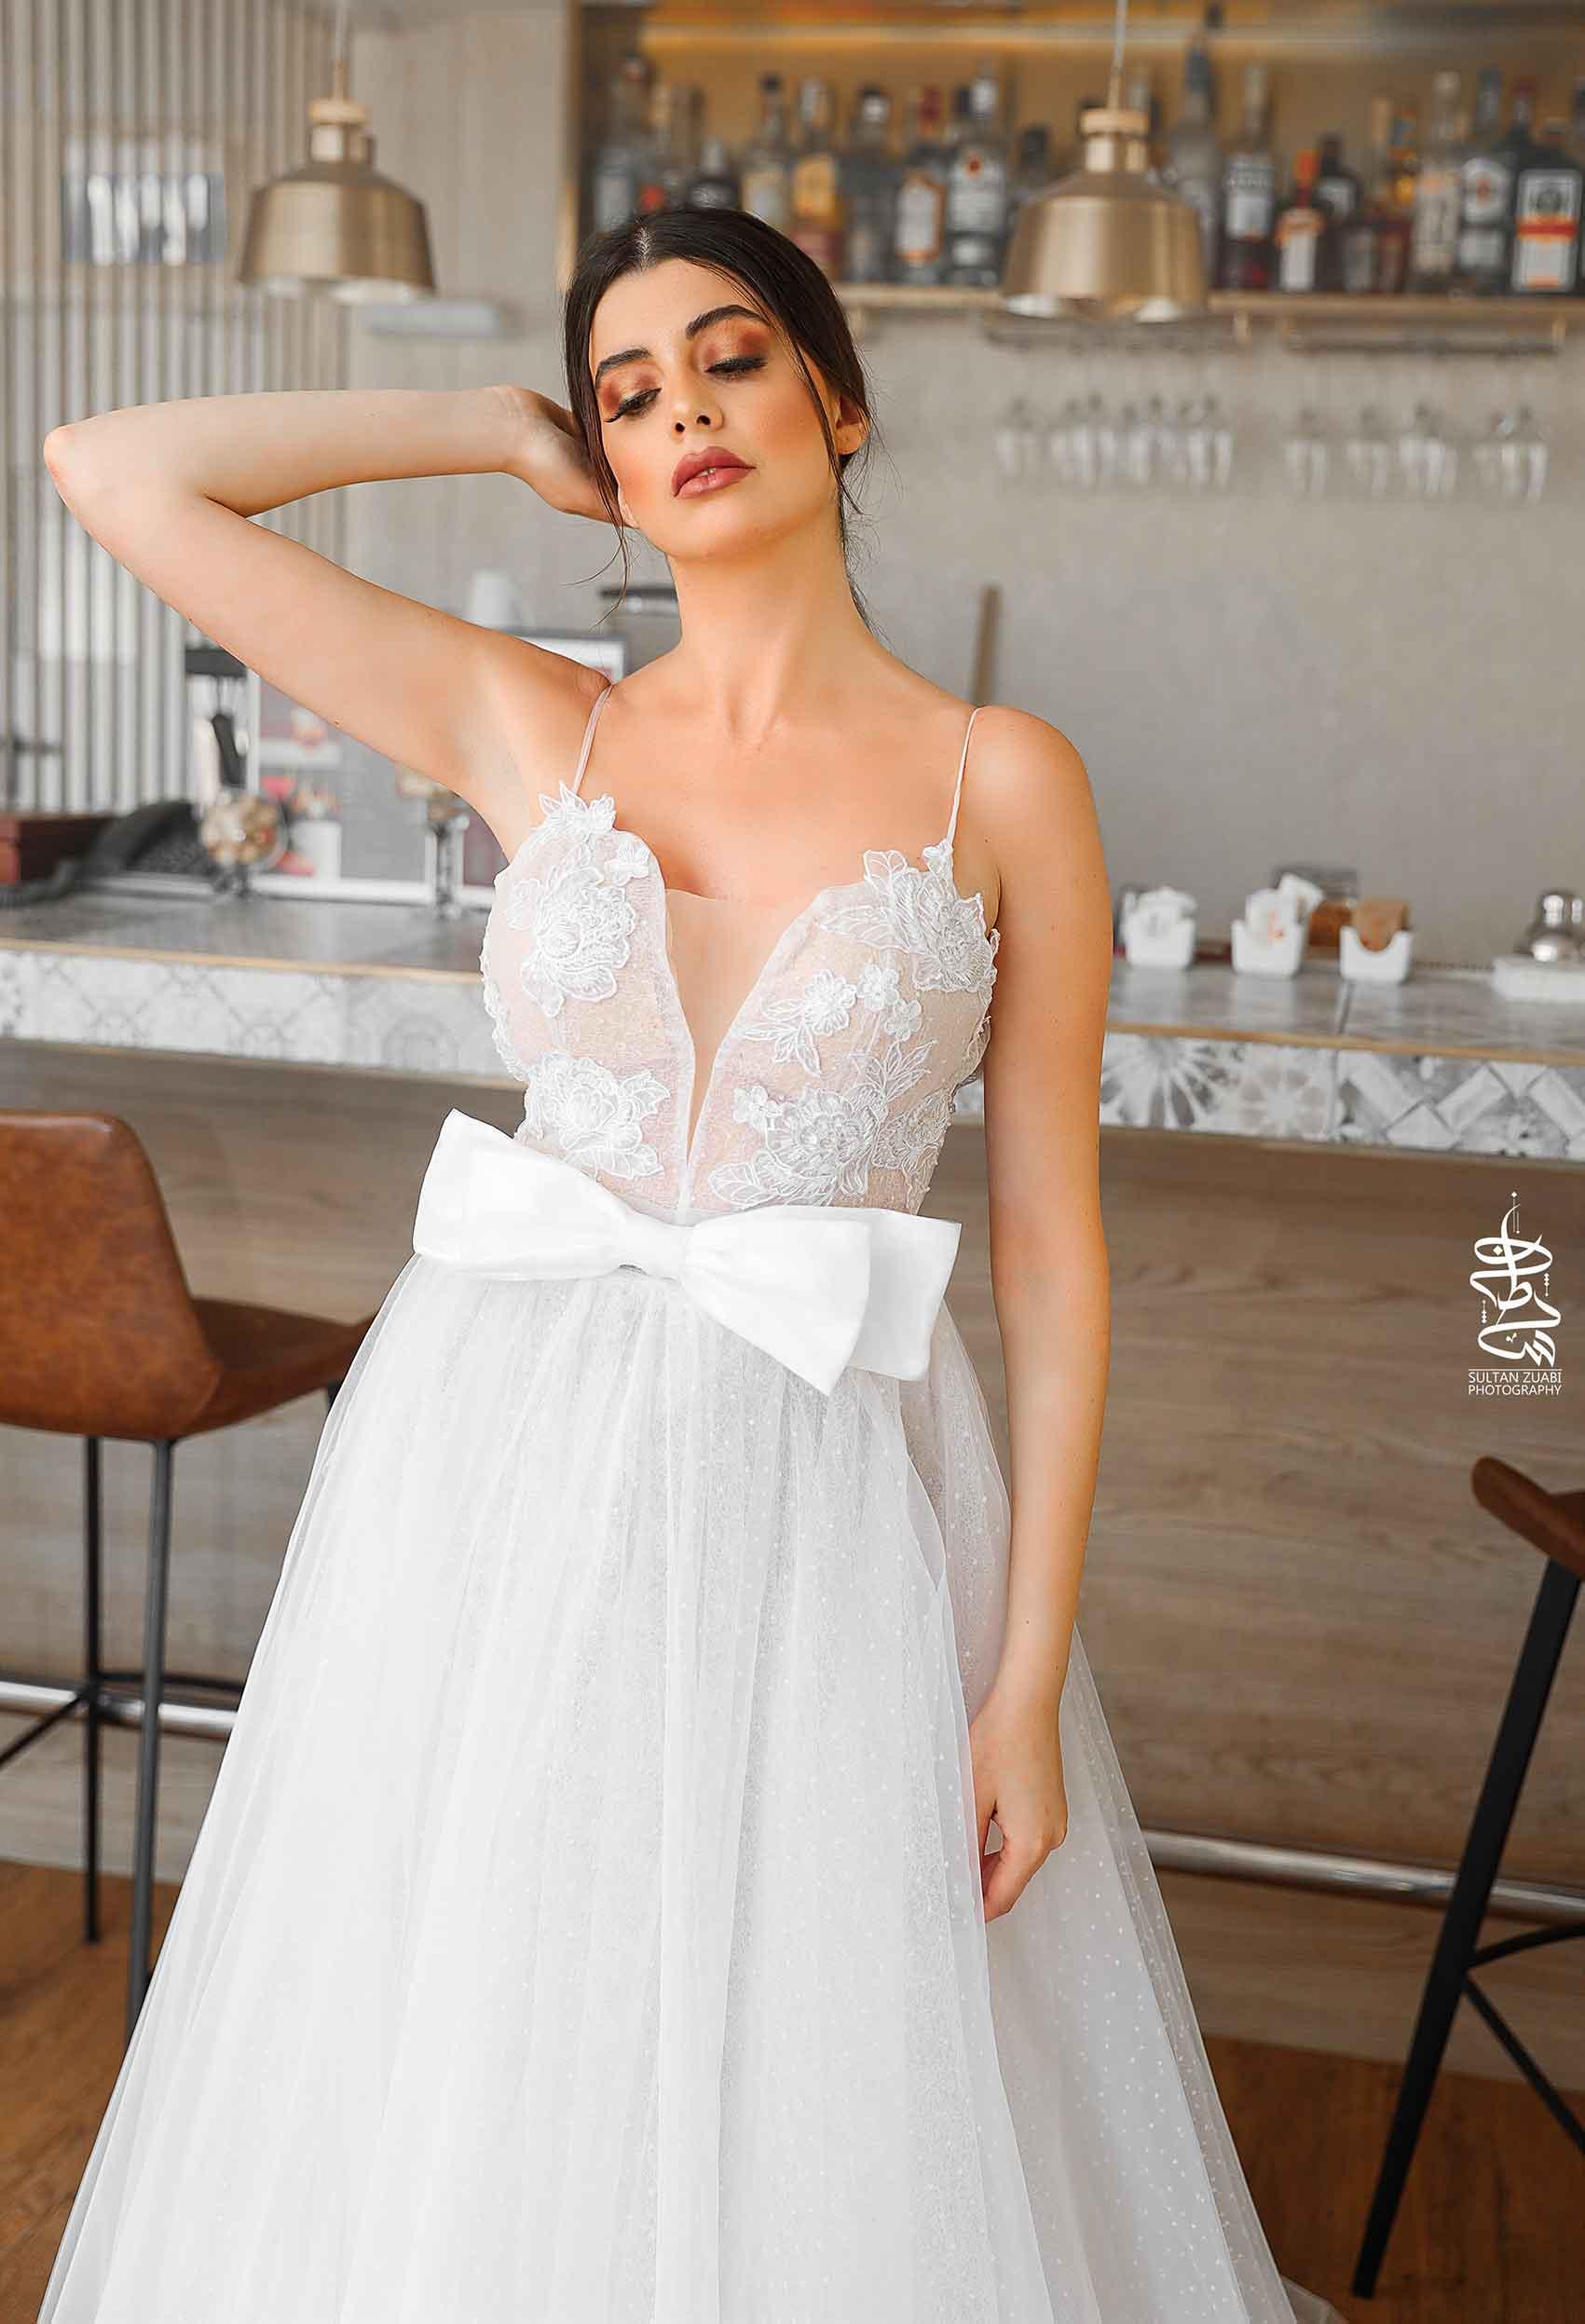 חנאן-אחמד-קולקציית-שמלות-כלה-קיץ-2020-מגזין-אופנה-165